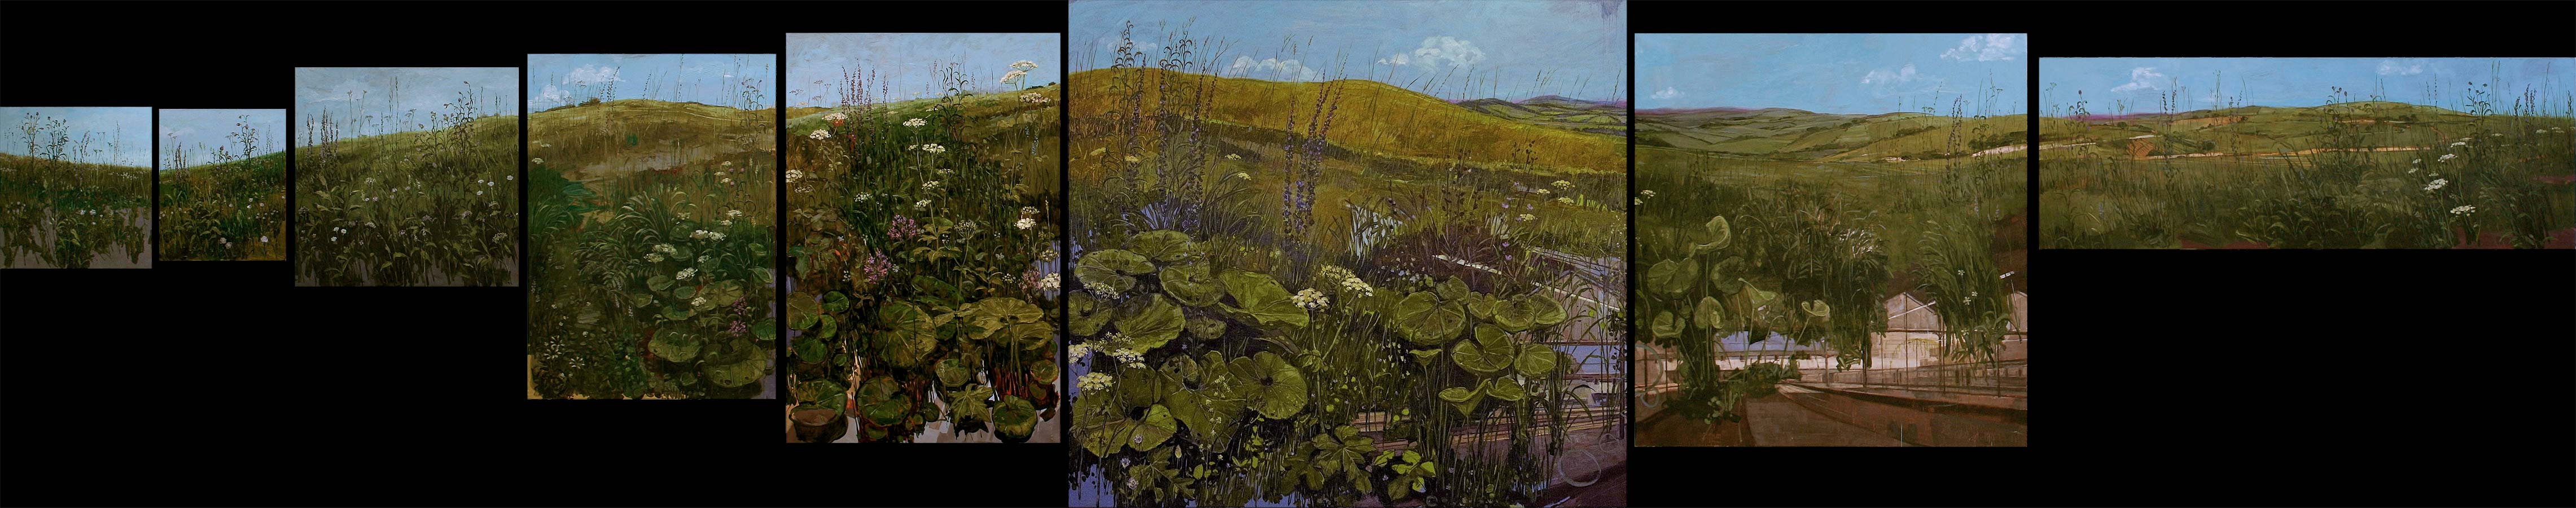 Les prairies. Polyptyque, Huile sur toile, 2011